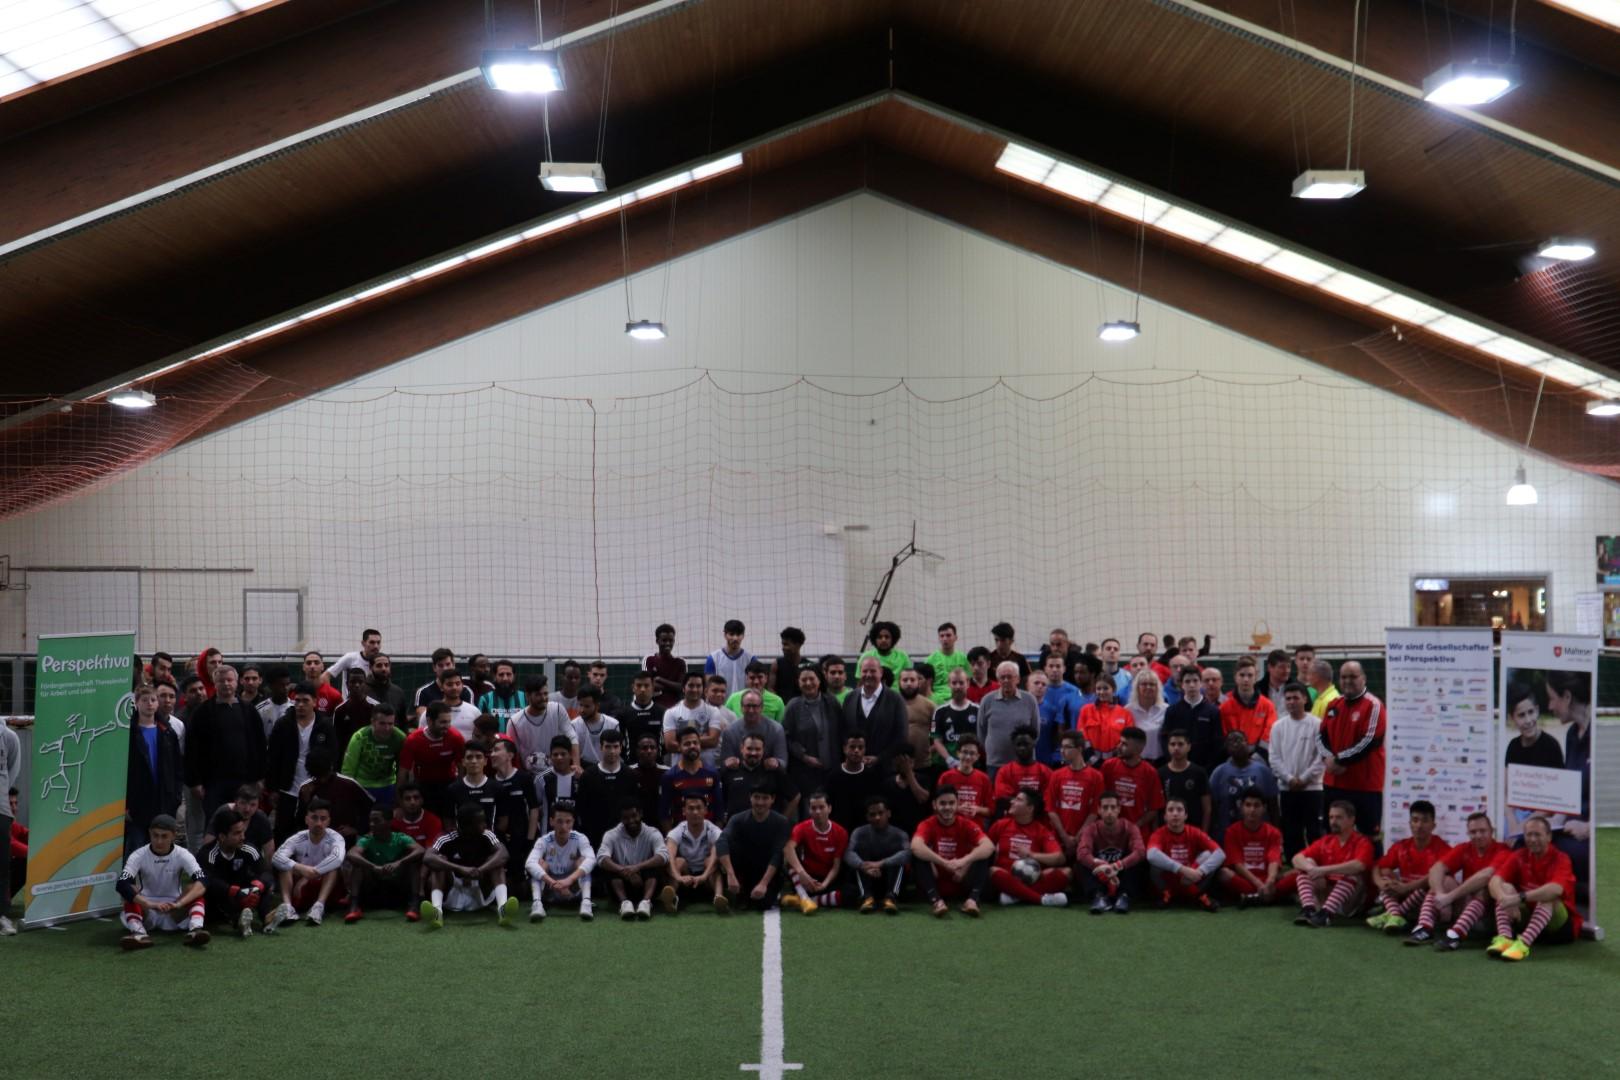 Perspektiva Eine Chance Fur Jugendliche Fussball Verbindet